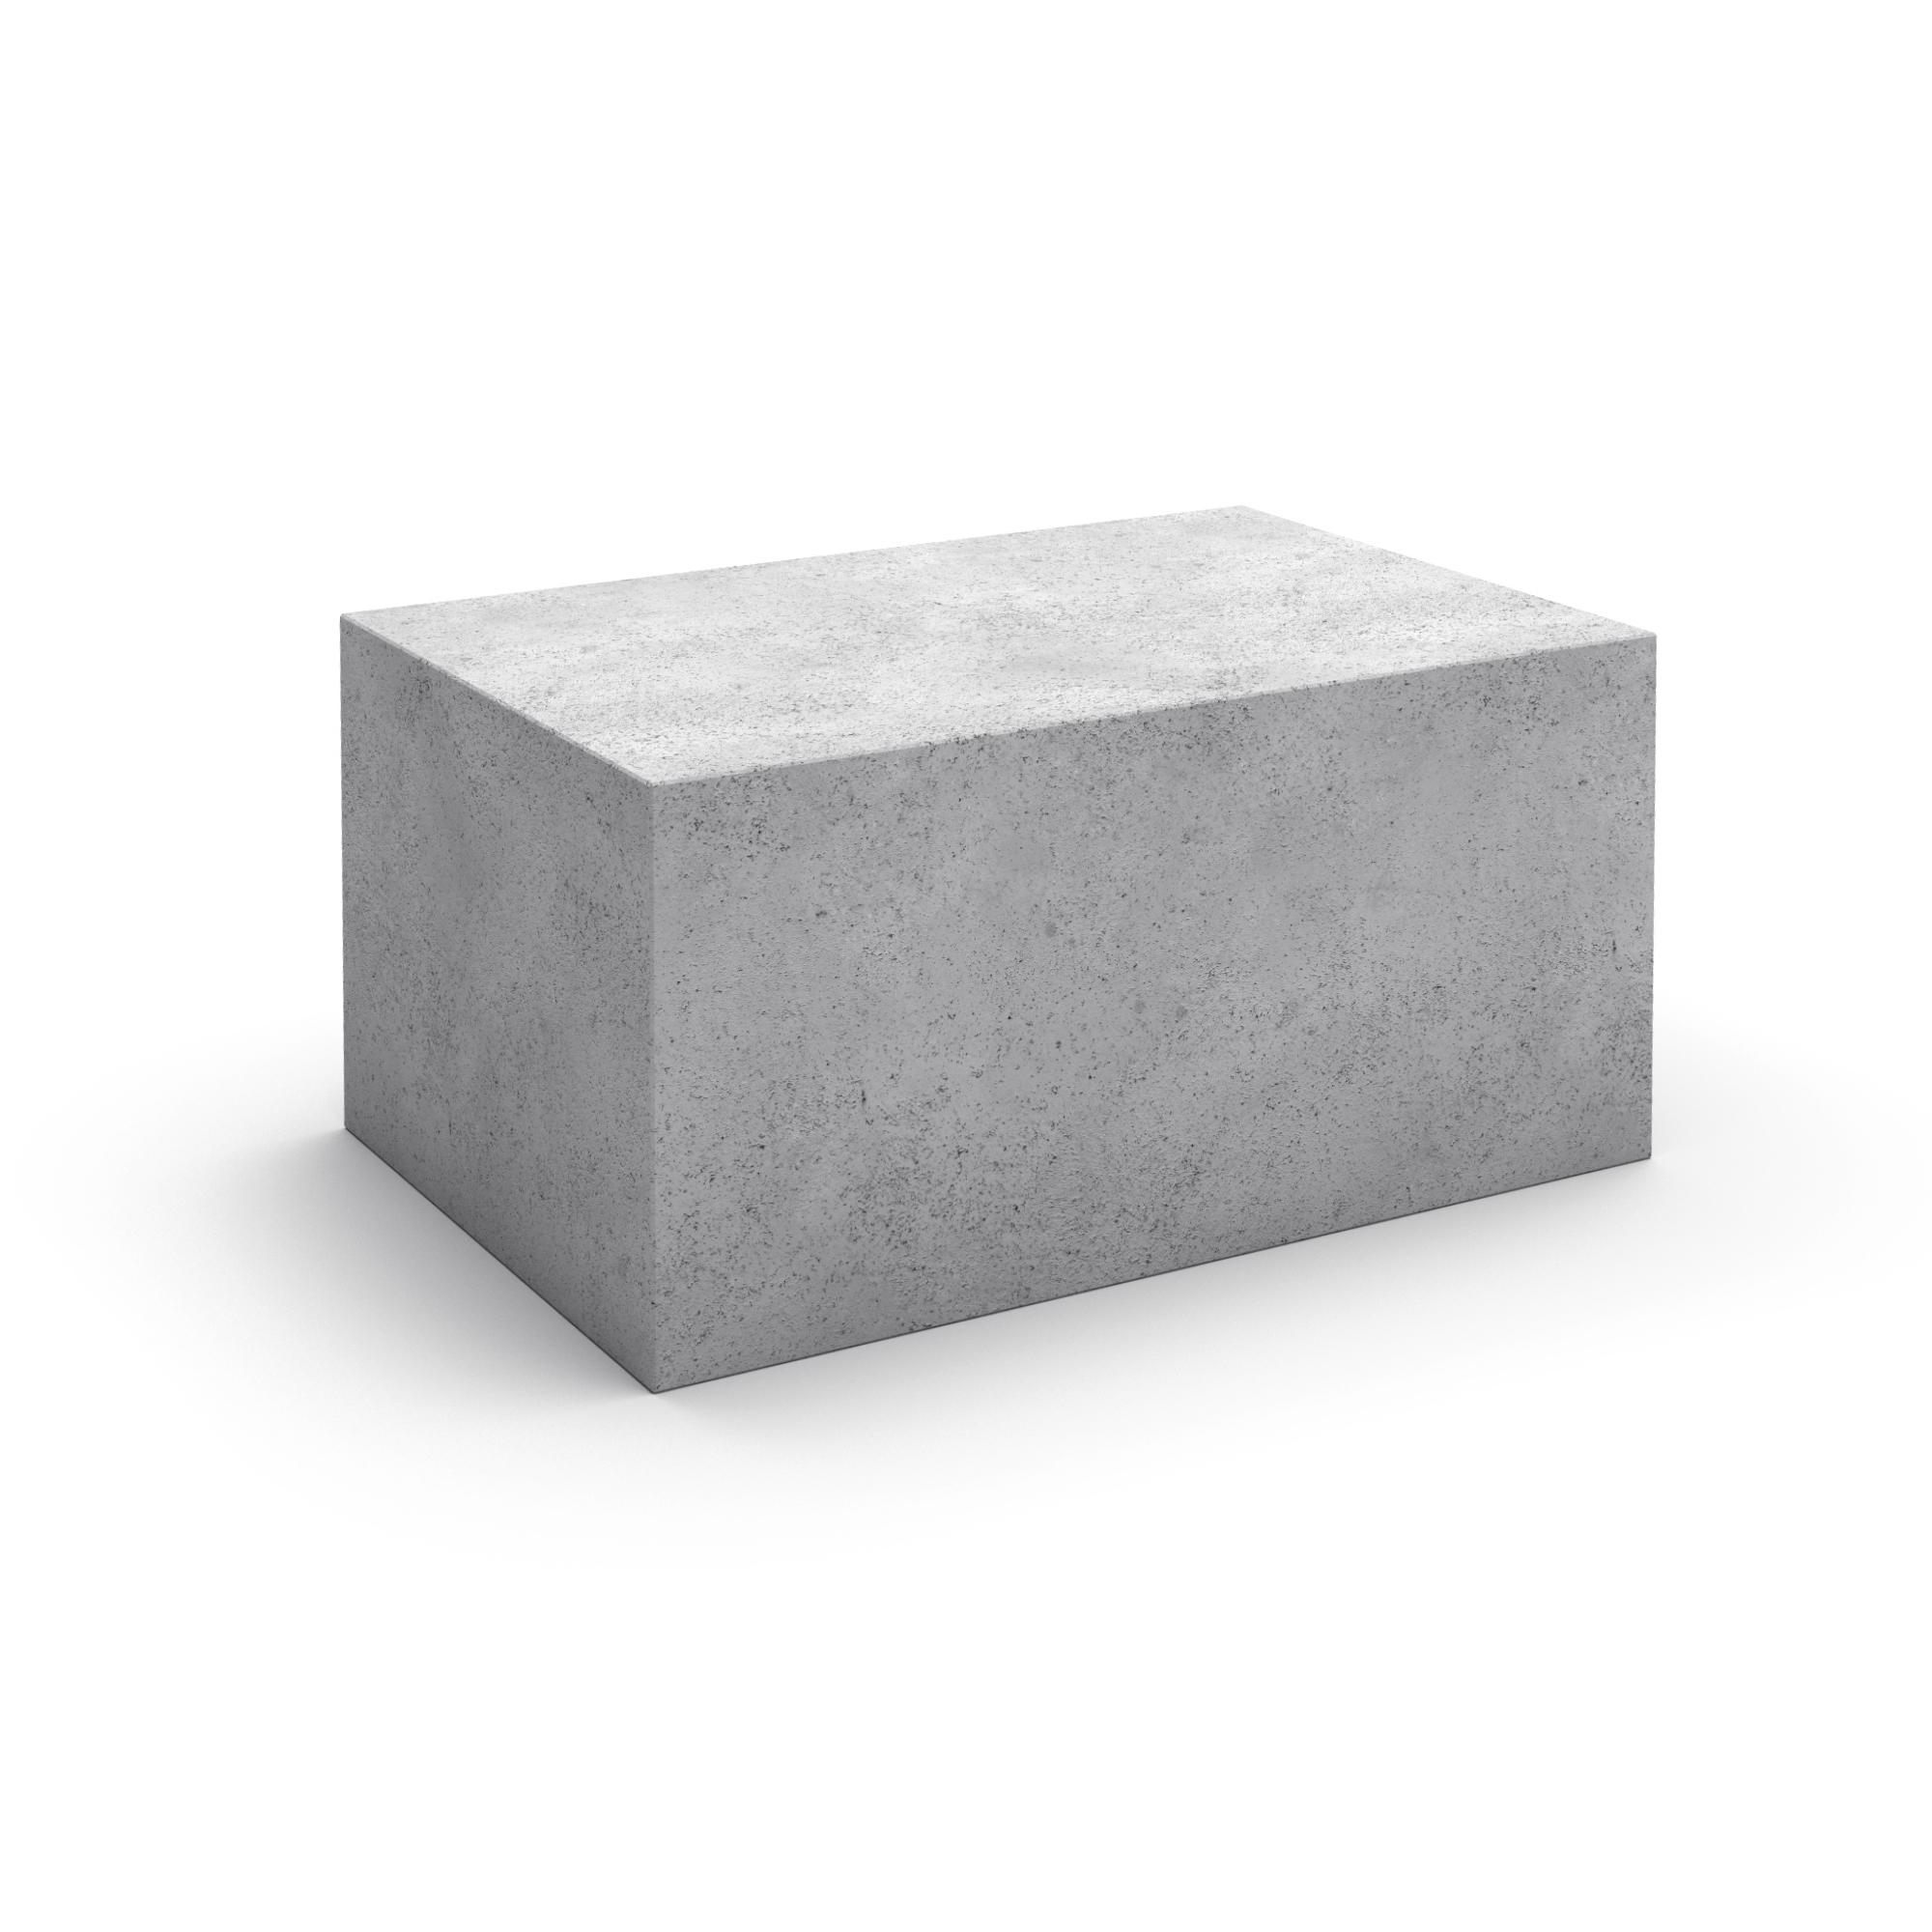 Купить газобетон в бетонов бетон под давлением